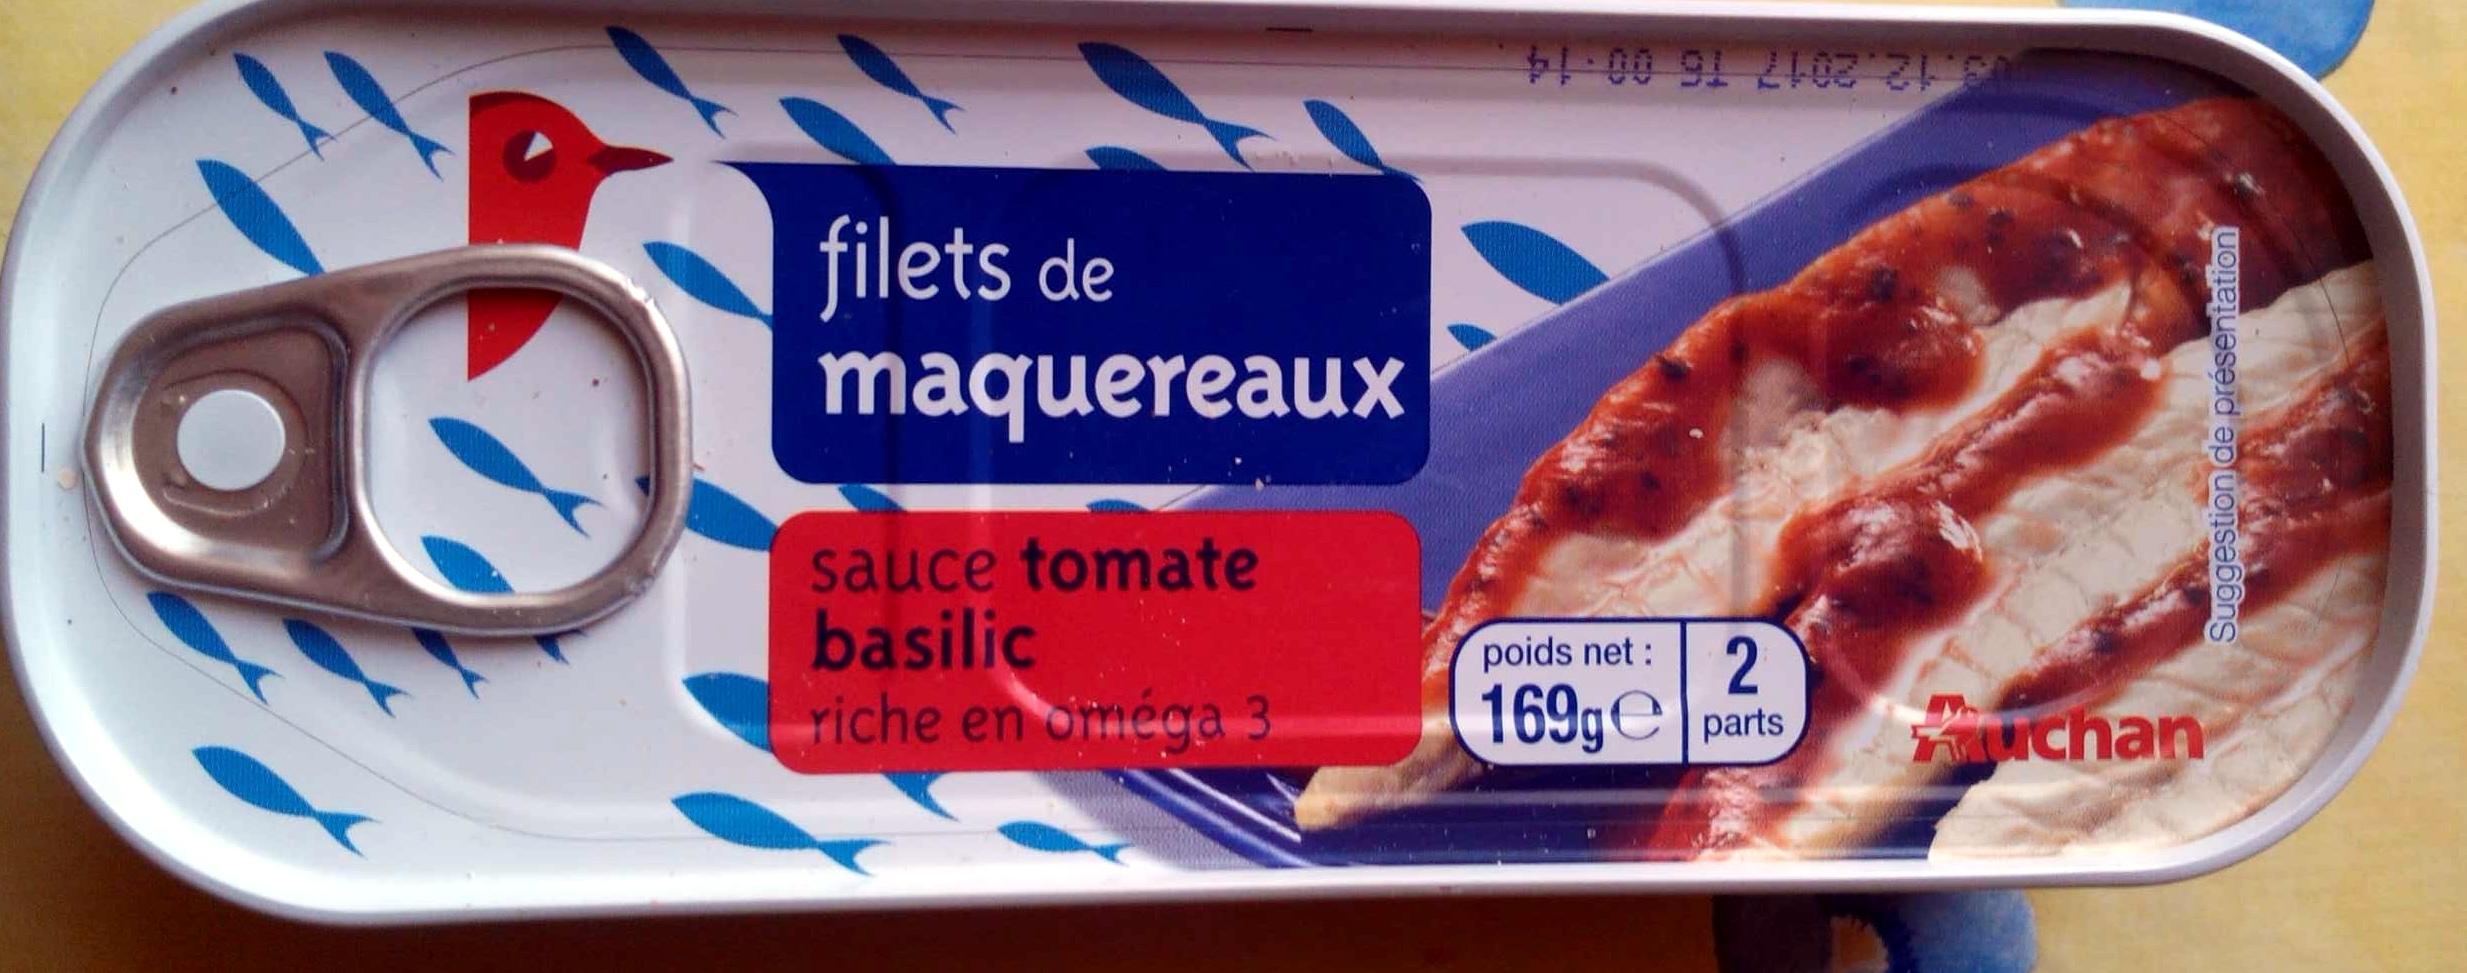 Filets de maquereaux (sauce tomate basilic) - Produit